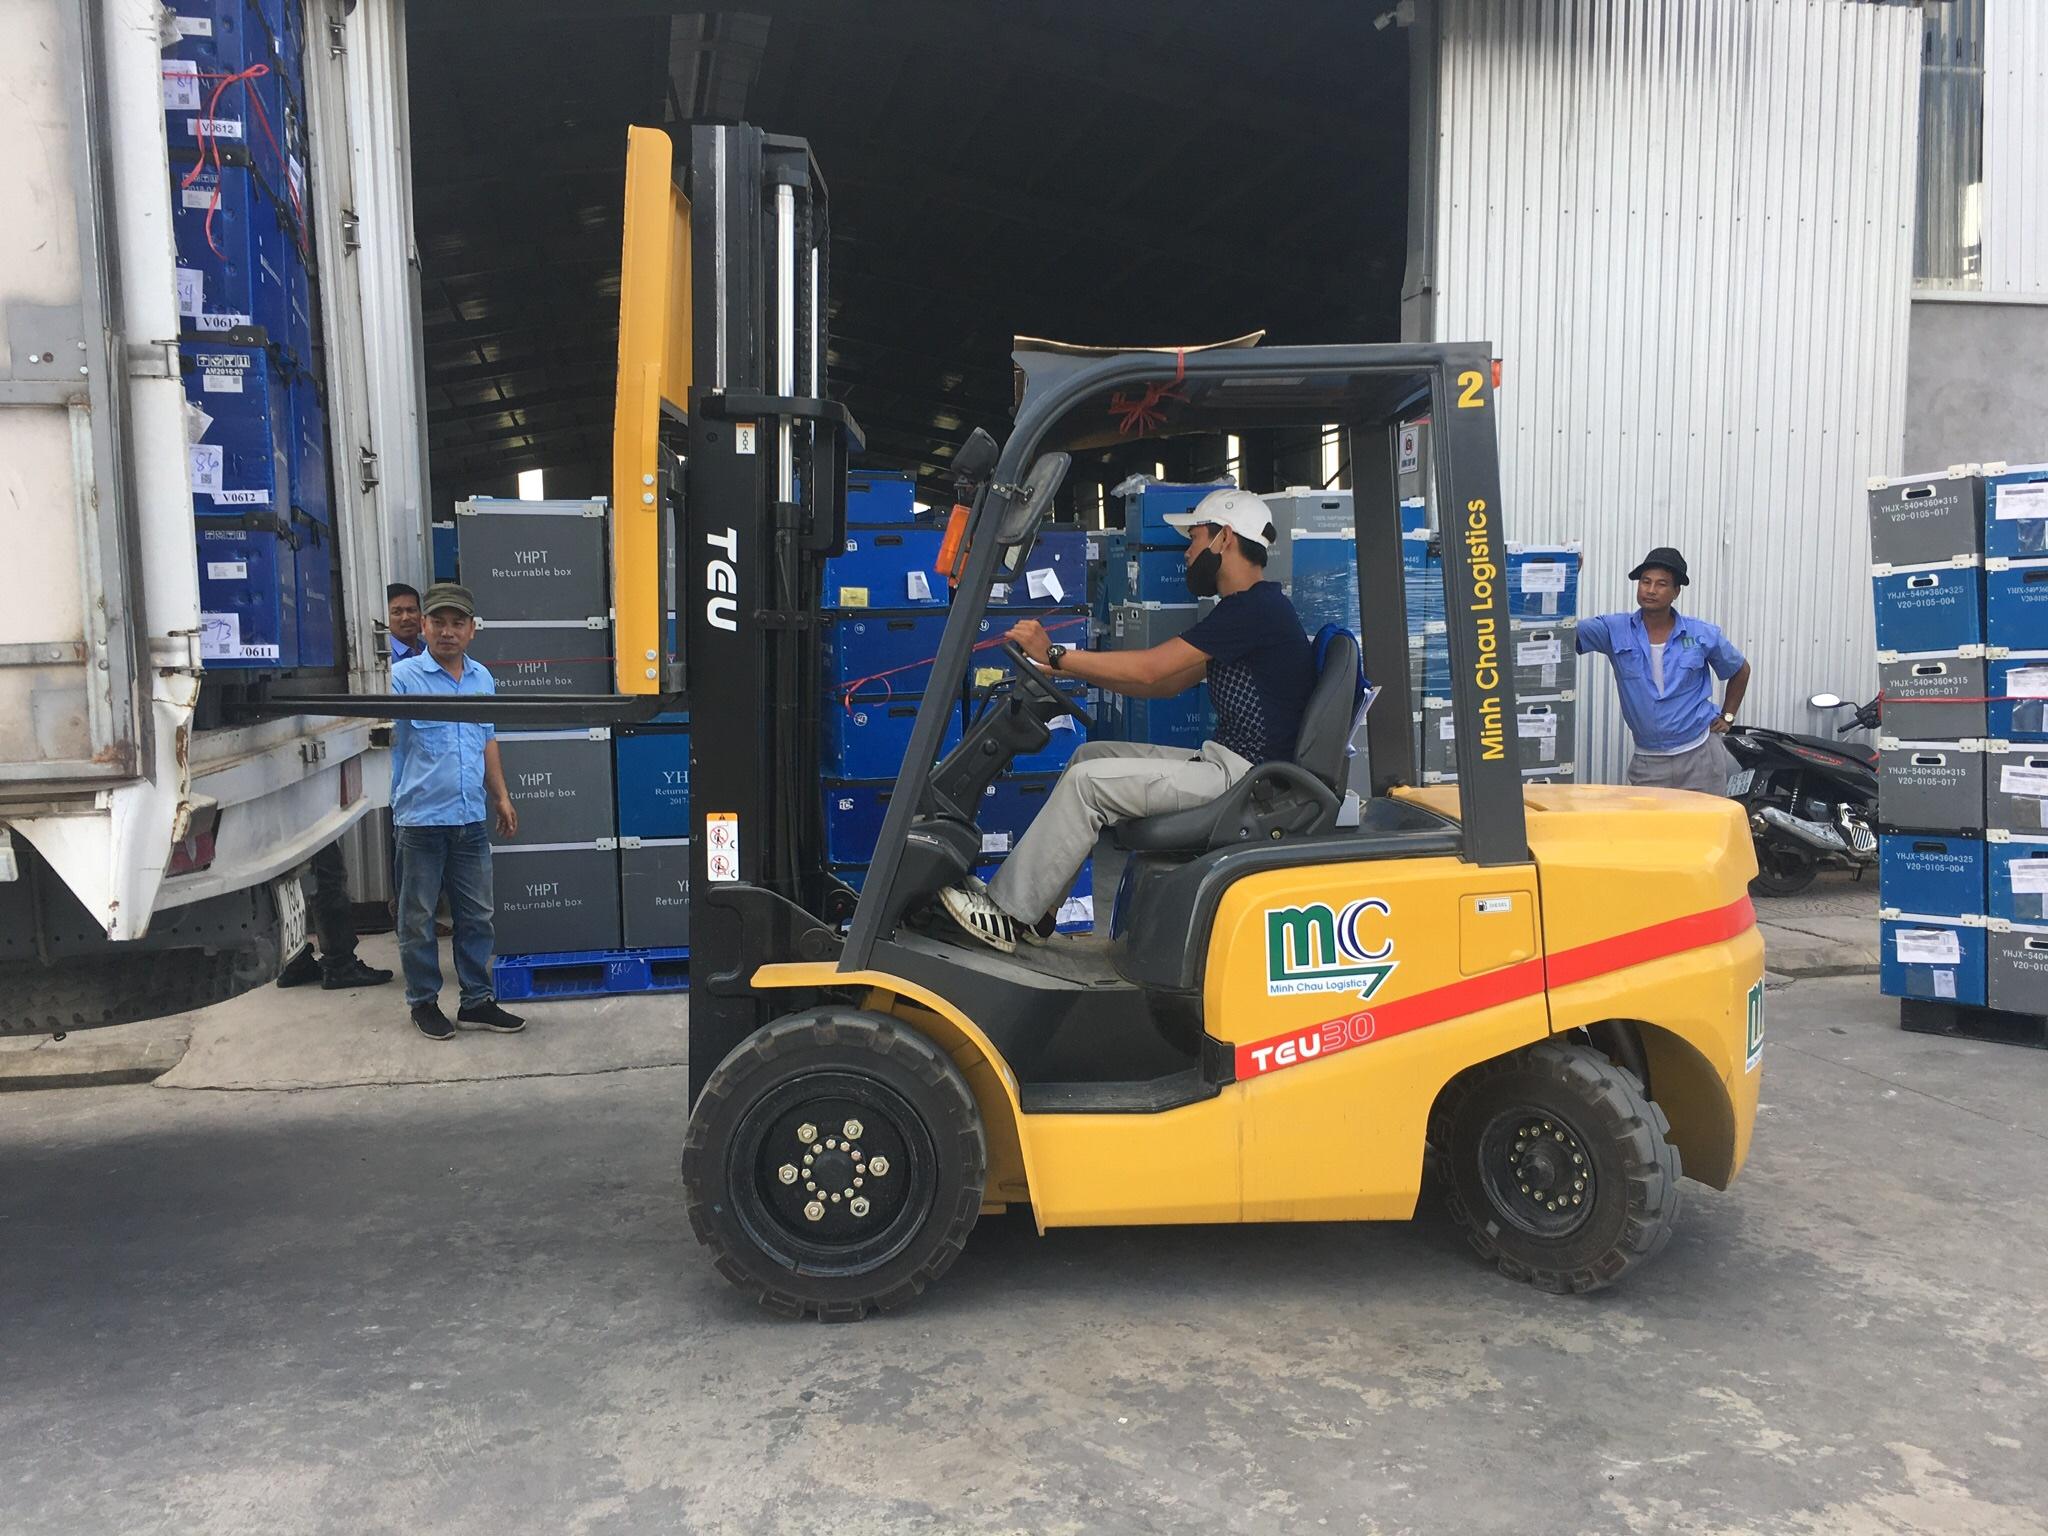 xe-nang-3-5-tan-trong-kho-hang-logistics